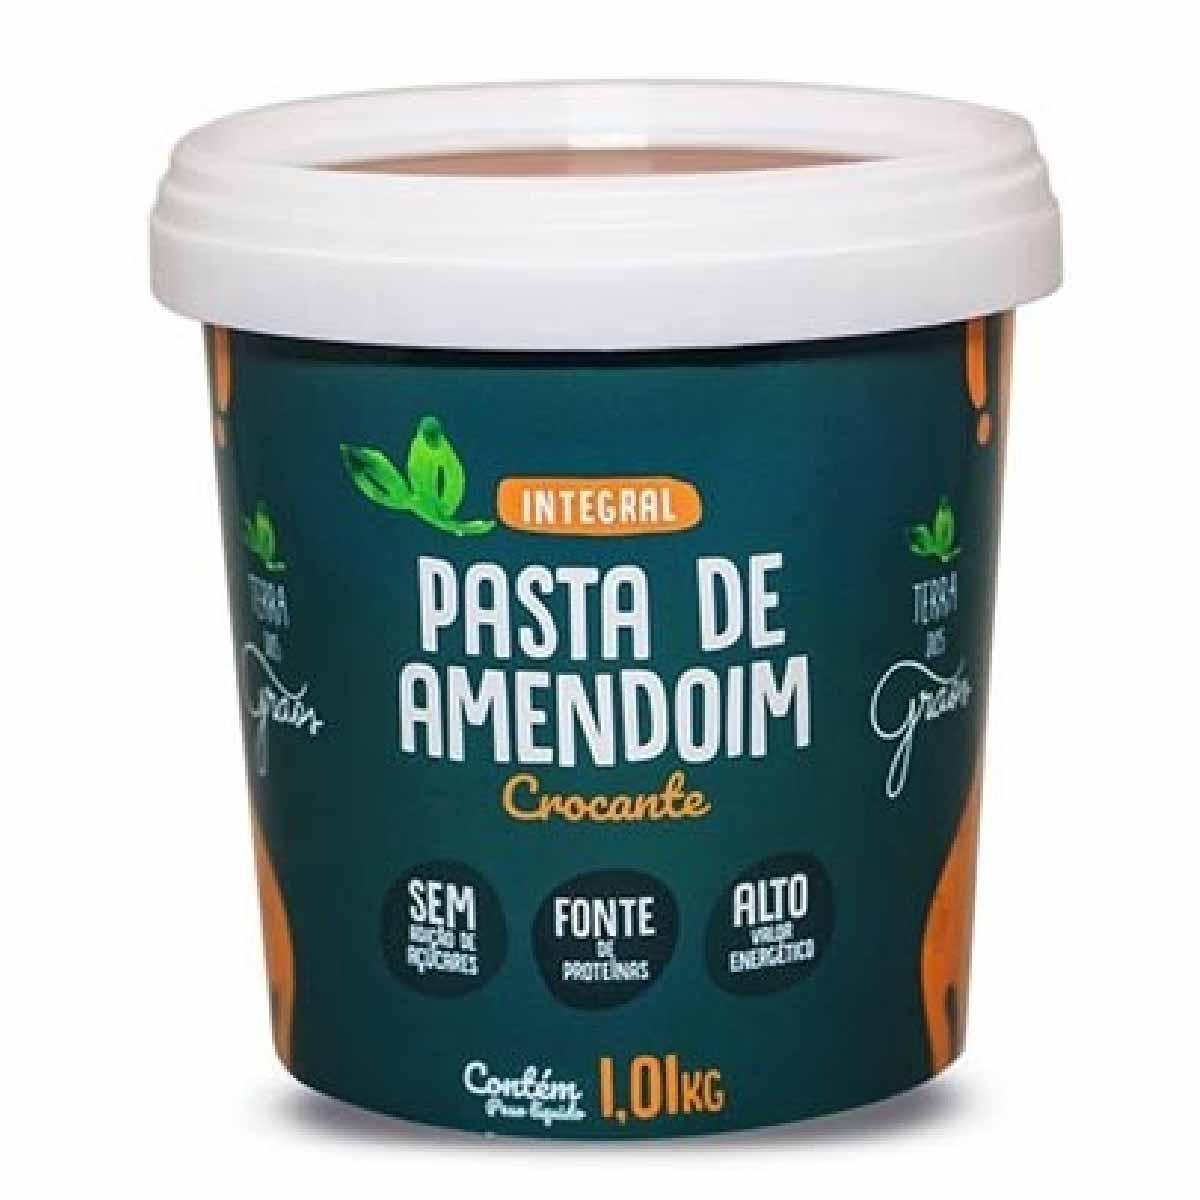 Pasta de Amendoim Crocante 1,01Kg Terra dos Grãos Integral